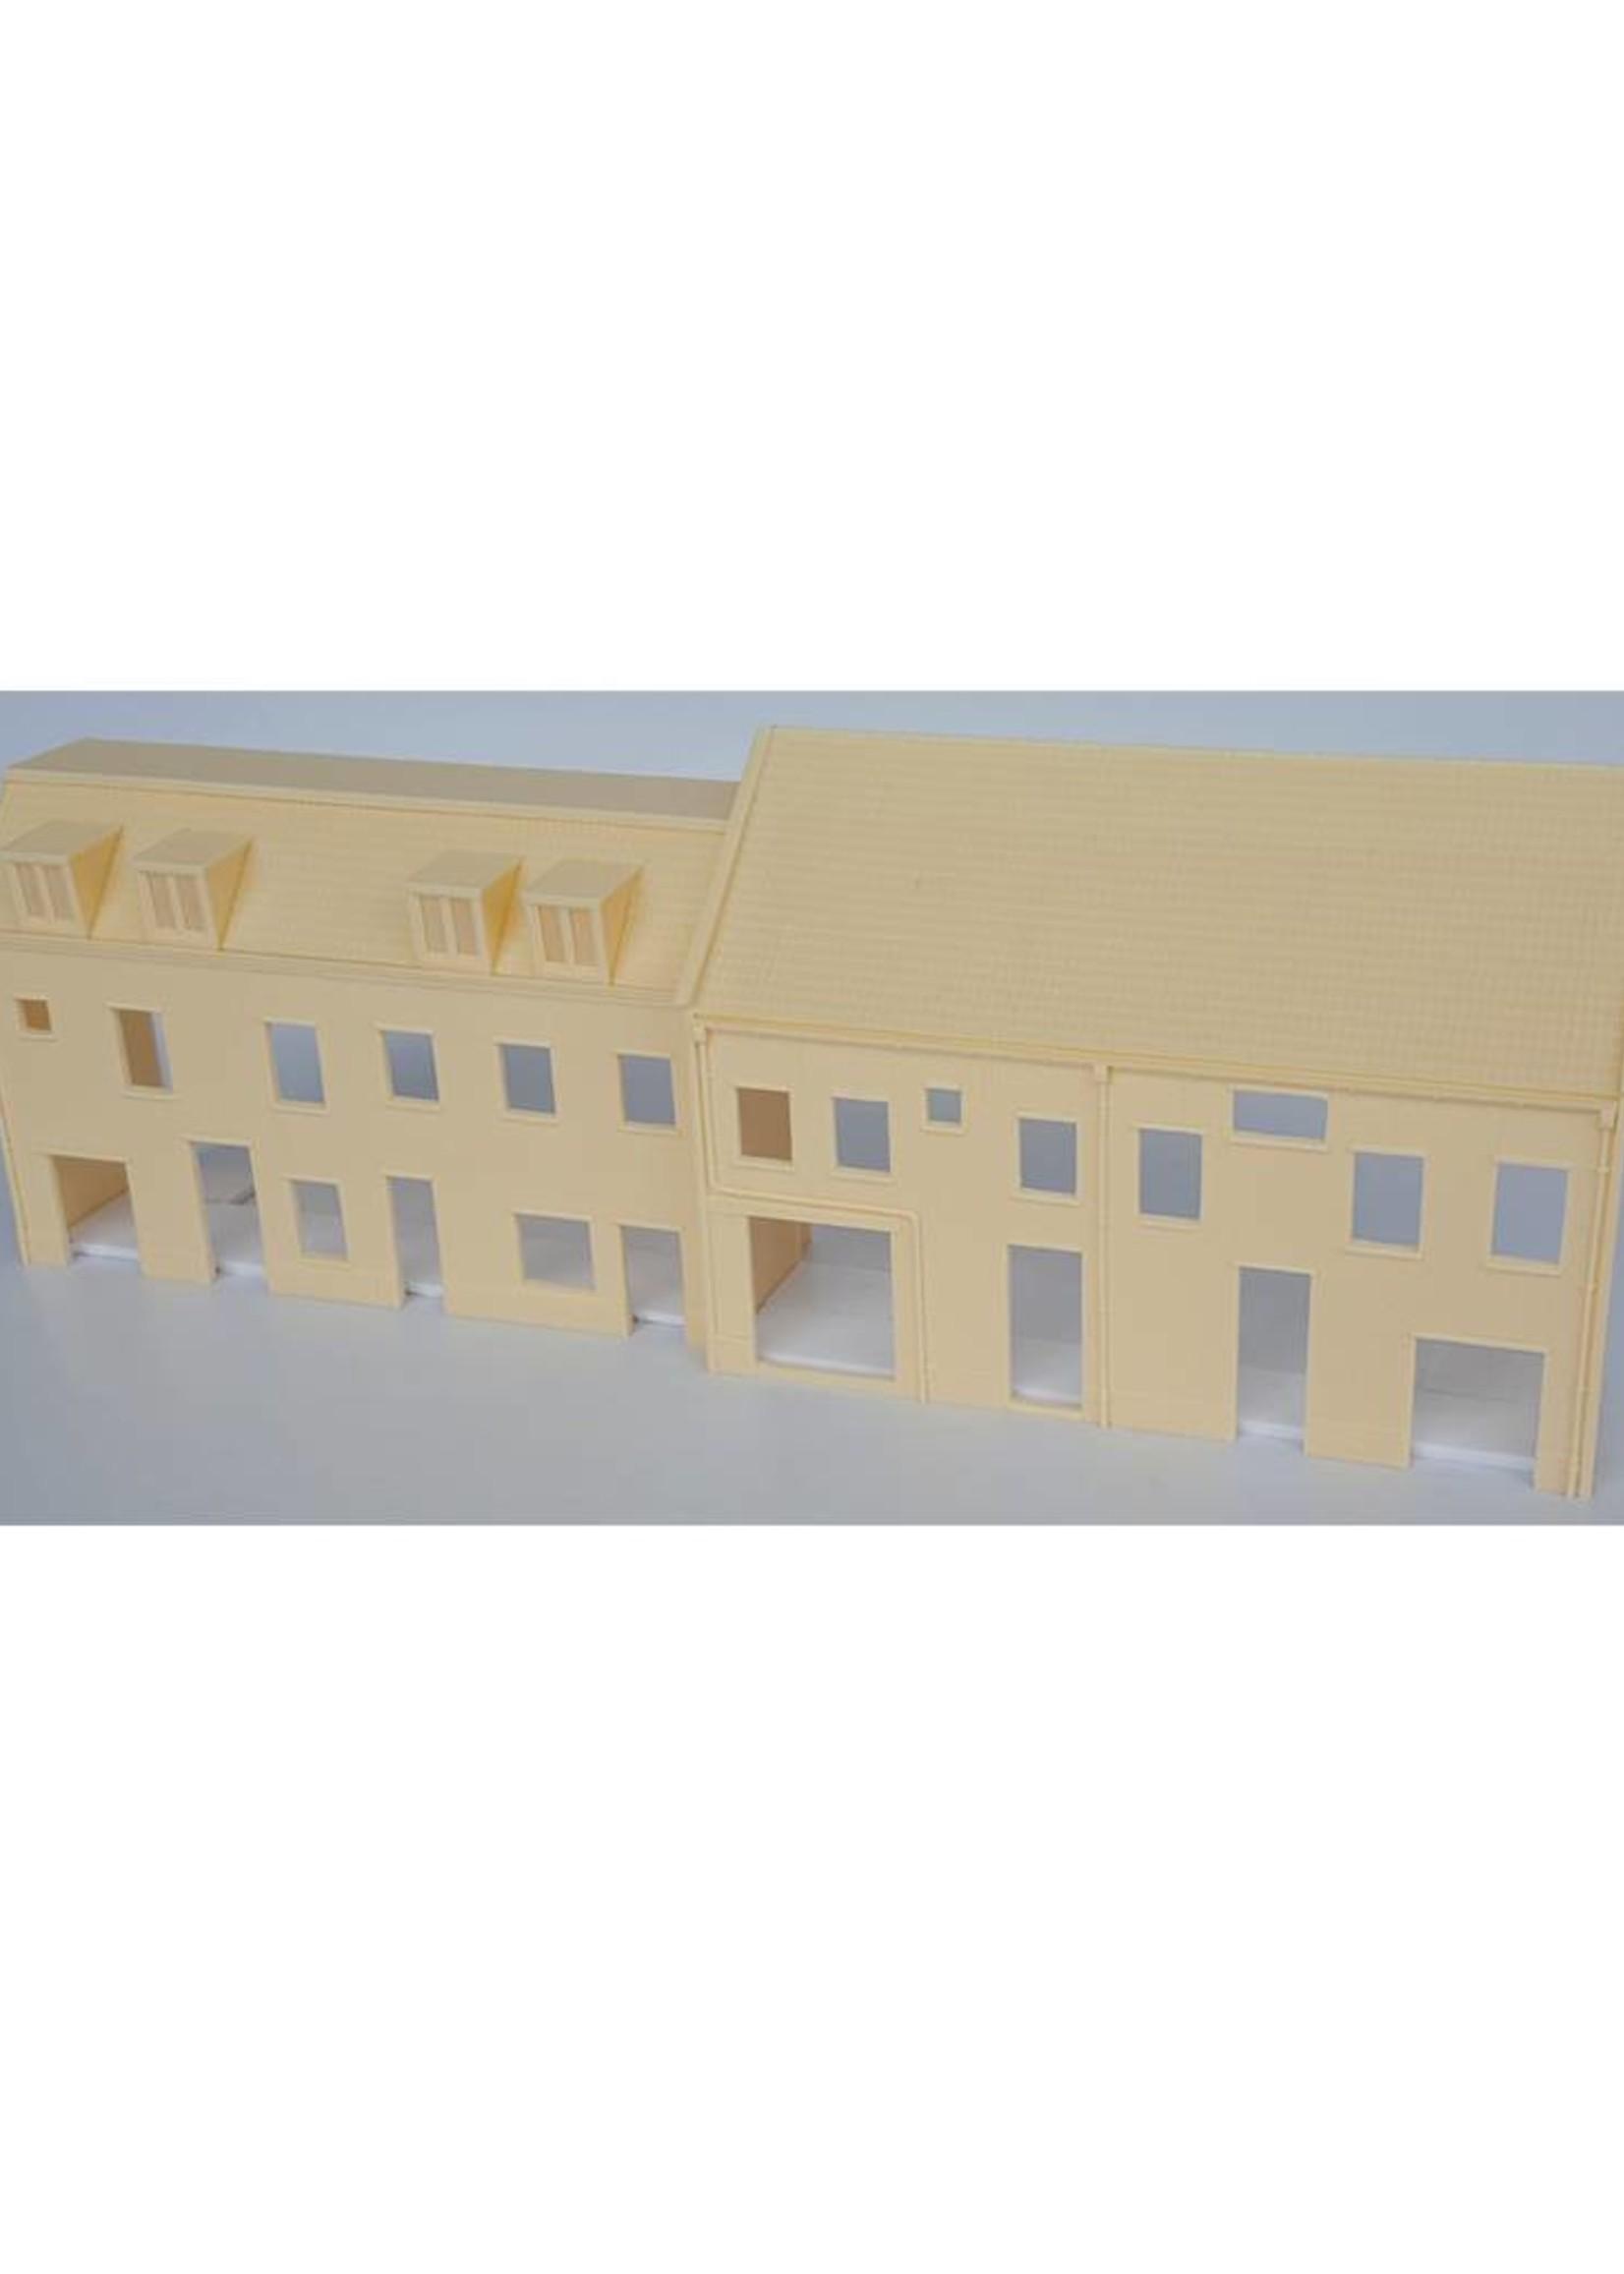 Facade city house